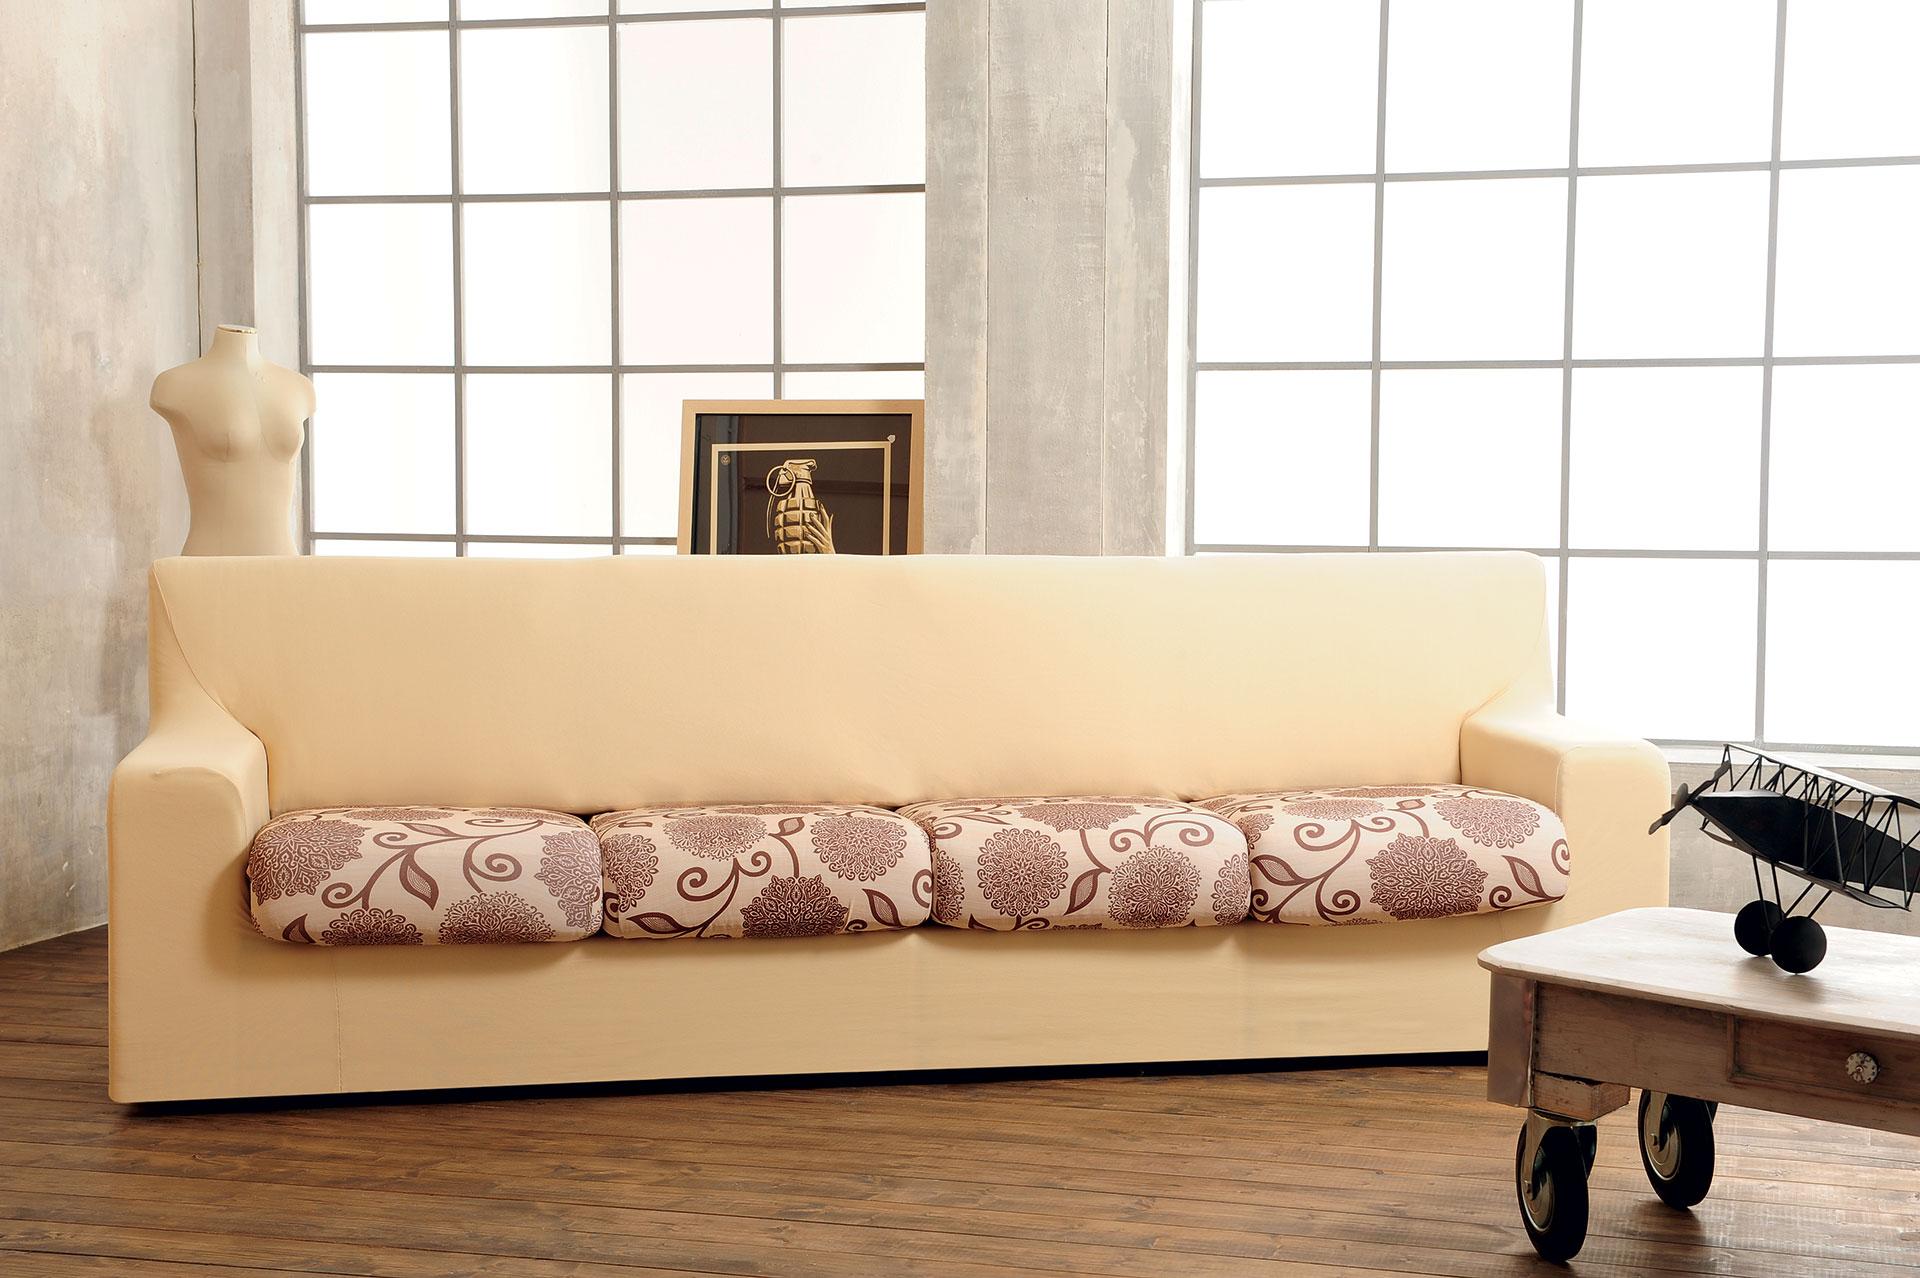 Copridivano genius xl 4 posti per divani fino a 3 mt g - Copridivano per divani reclinabili ...